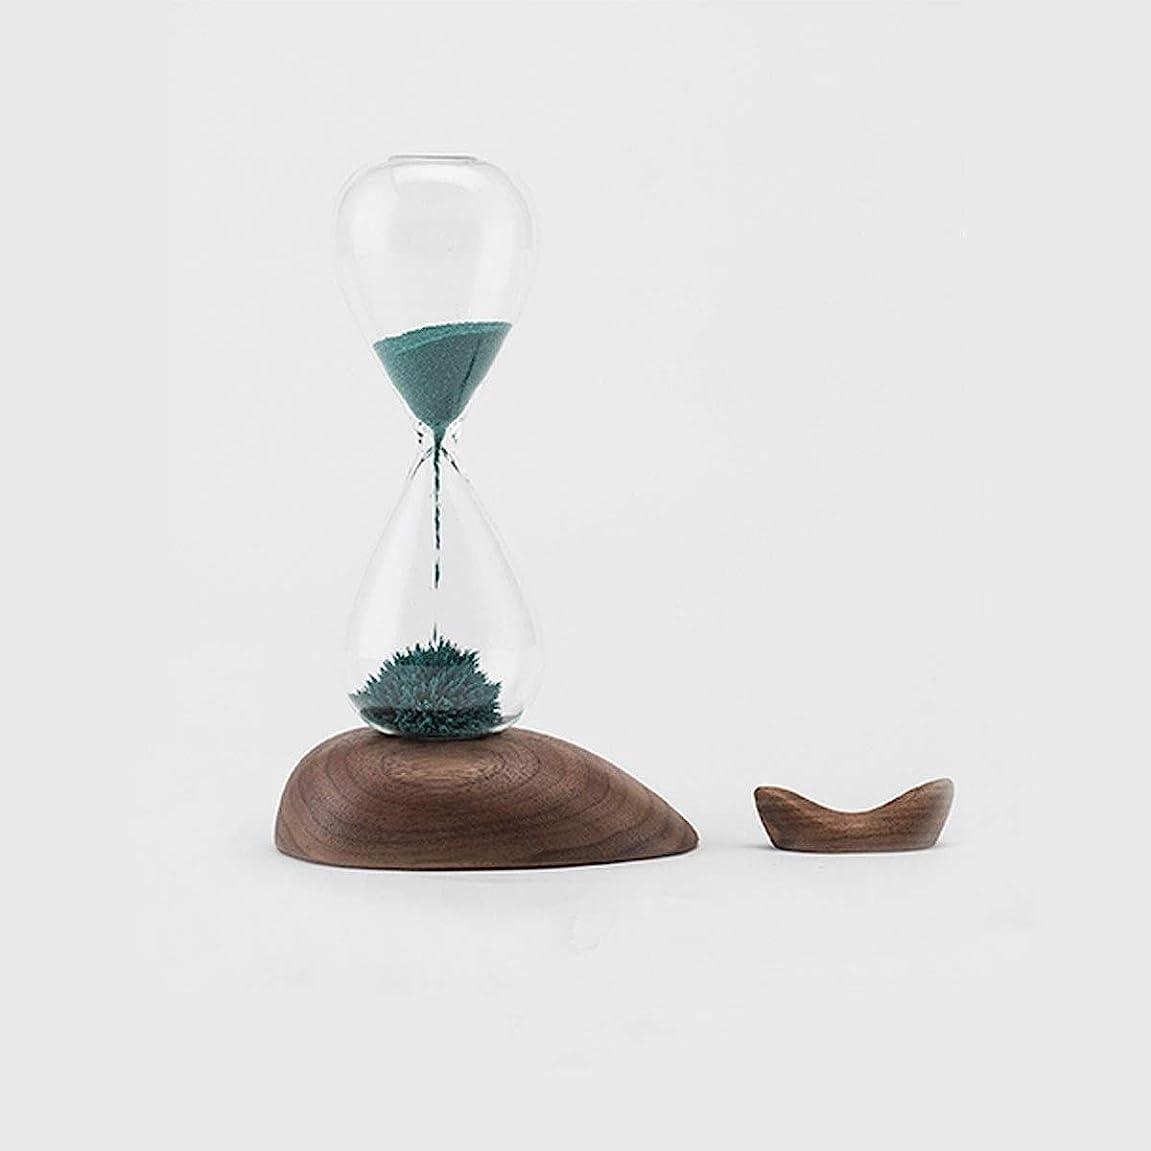 荷物専制パッケージJIAYIZS 砂時計、磁気砂時計スタイル、クリエイティブデザインおよび外観は、Aとても良いギフトBeautifuです (Size : Green)